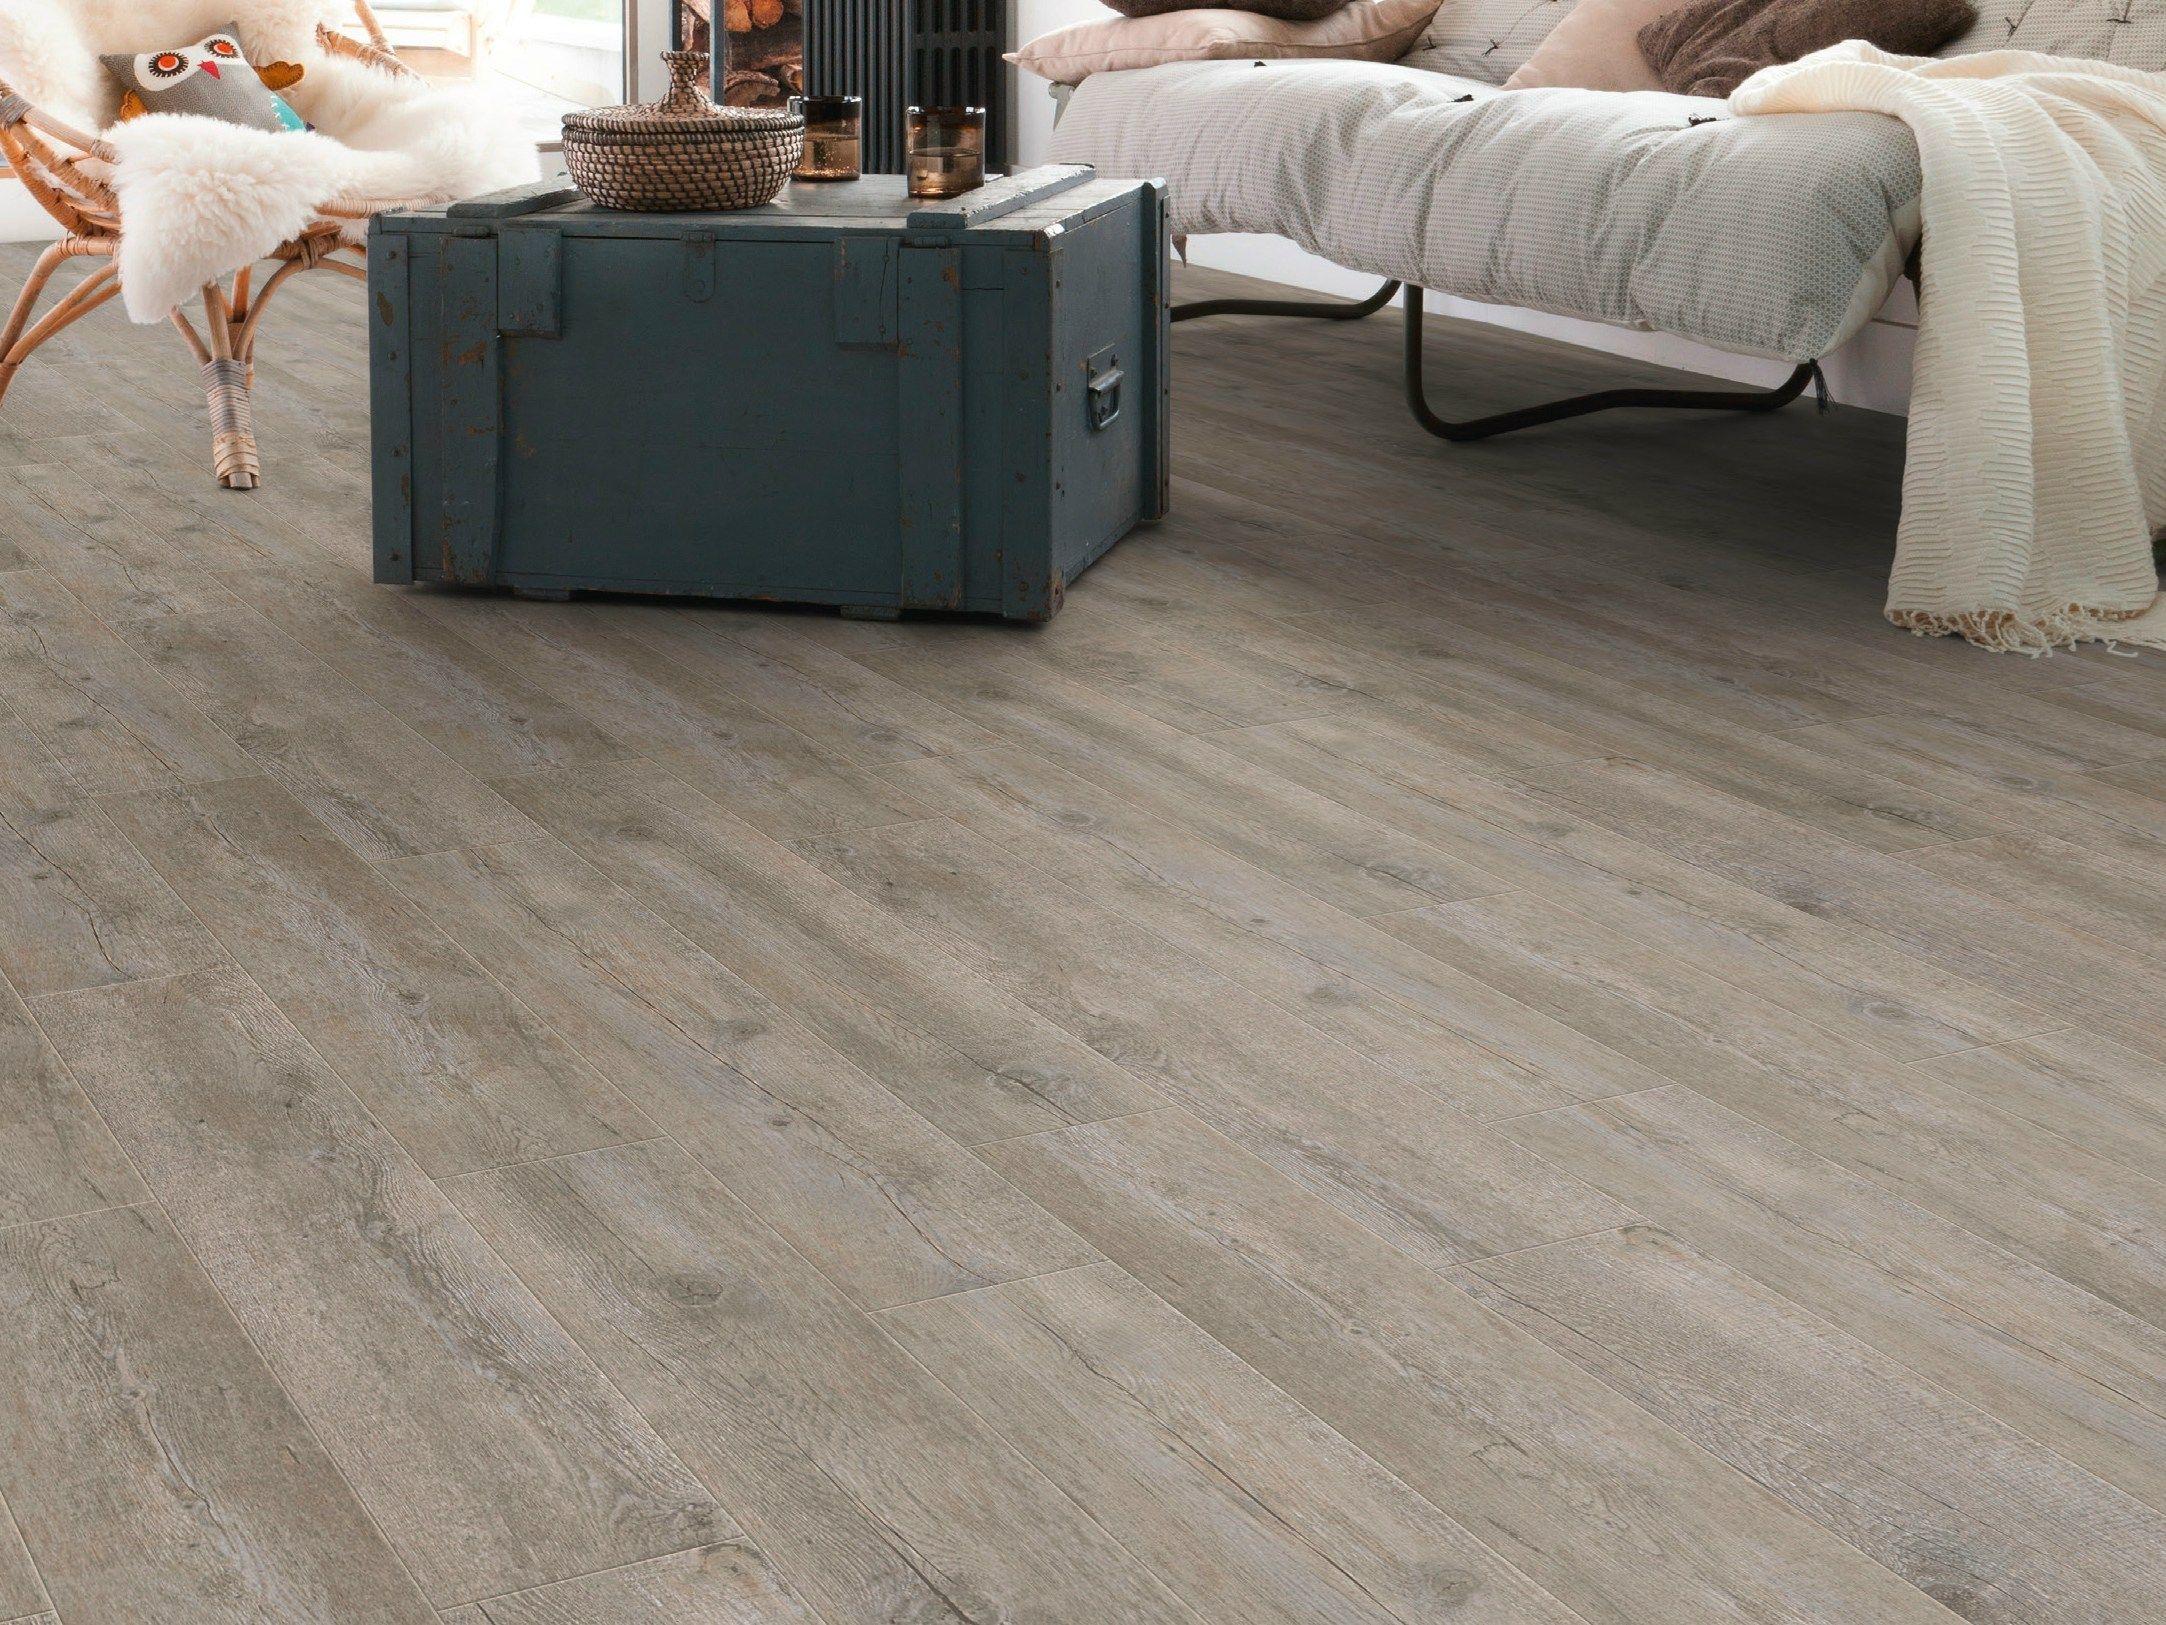 rev tement de sol anti glisse auto adh sif effet bois senso lock plus by gerflor. Black Bedroom Furniture Sets. Home Design Ideas